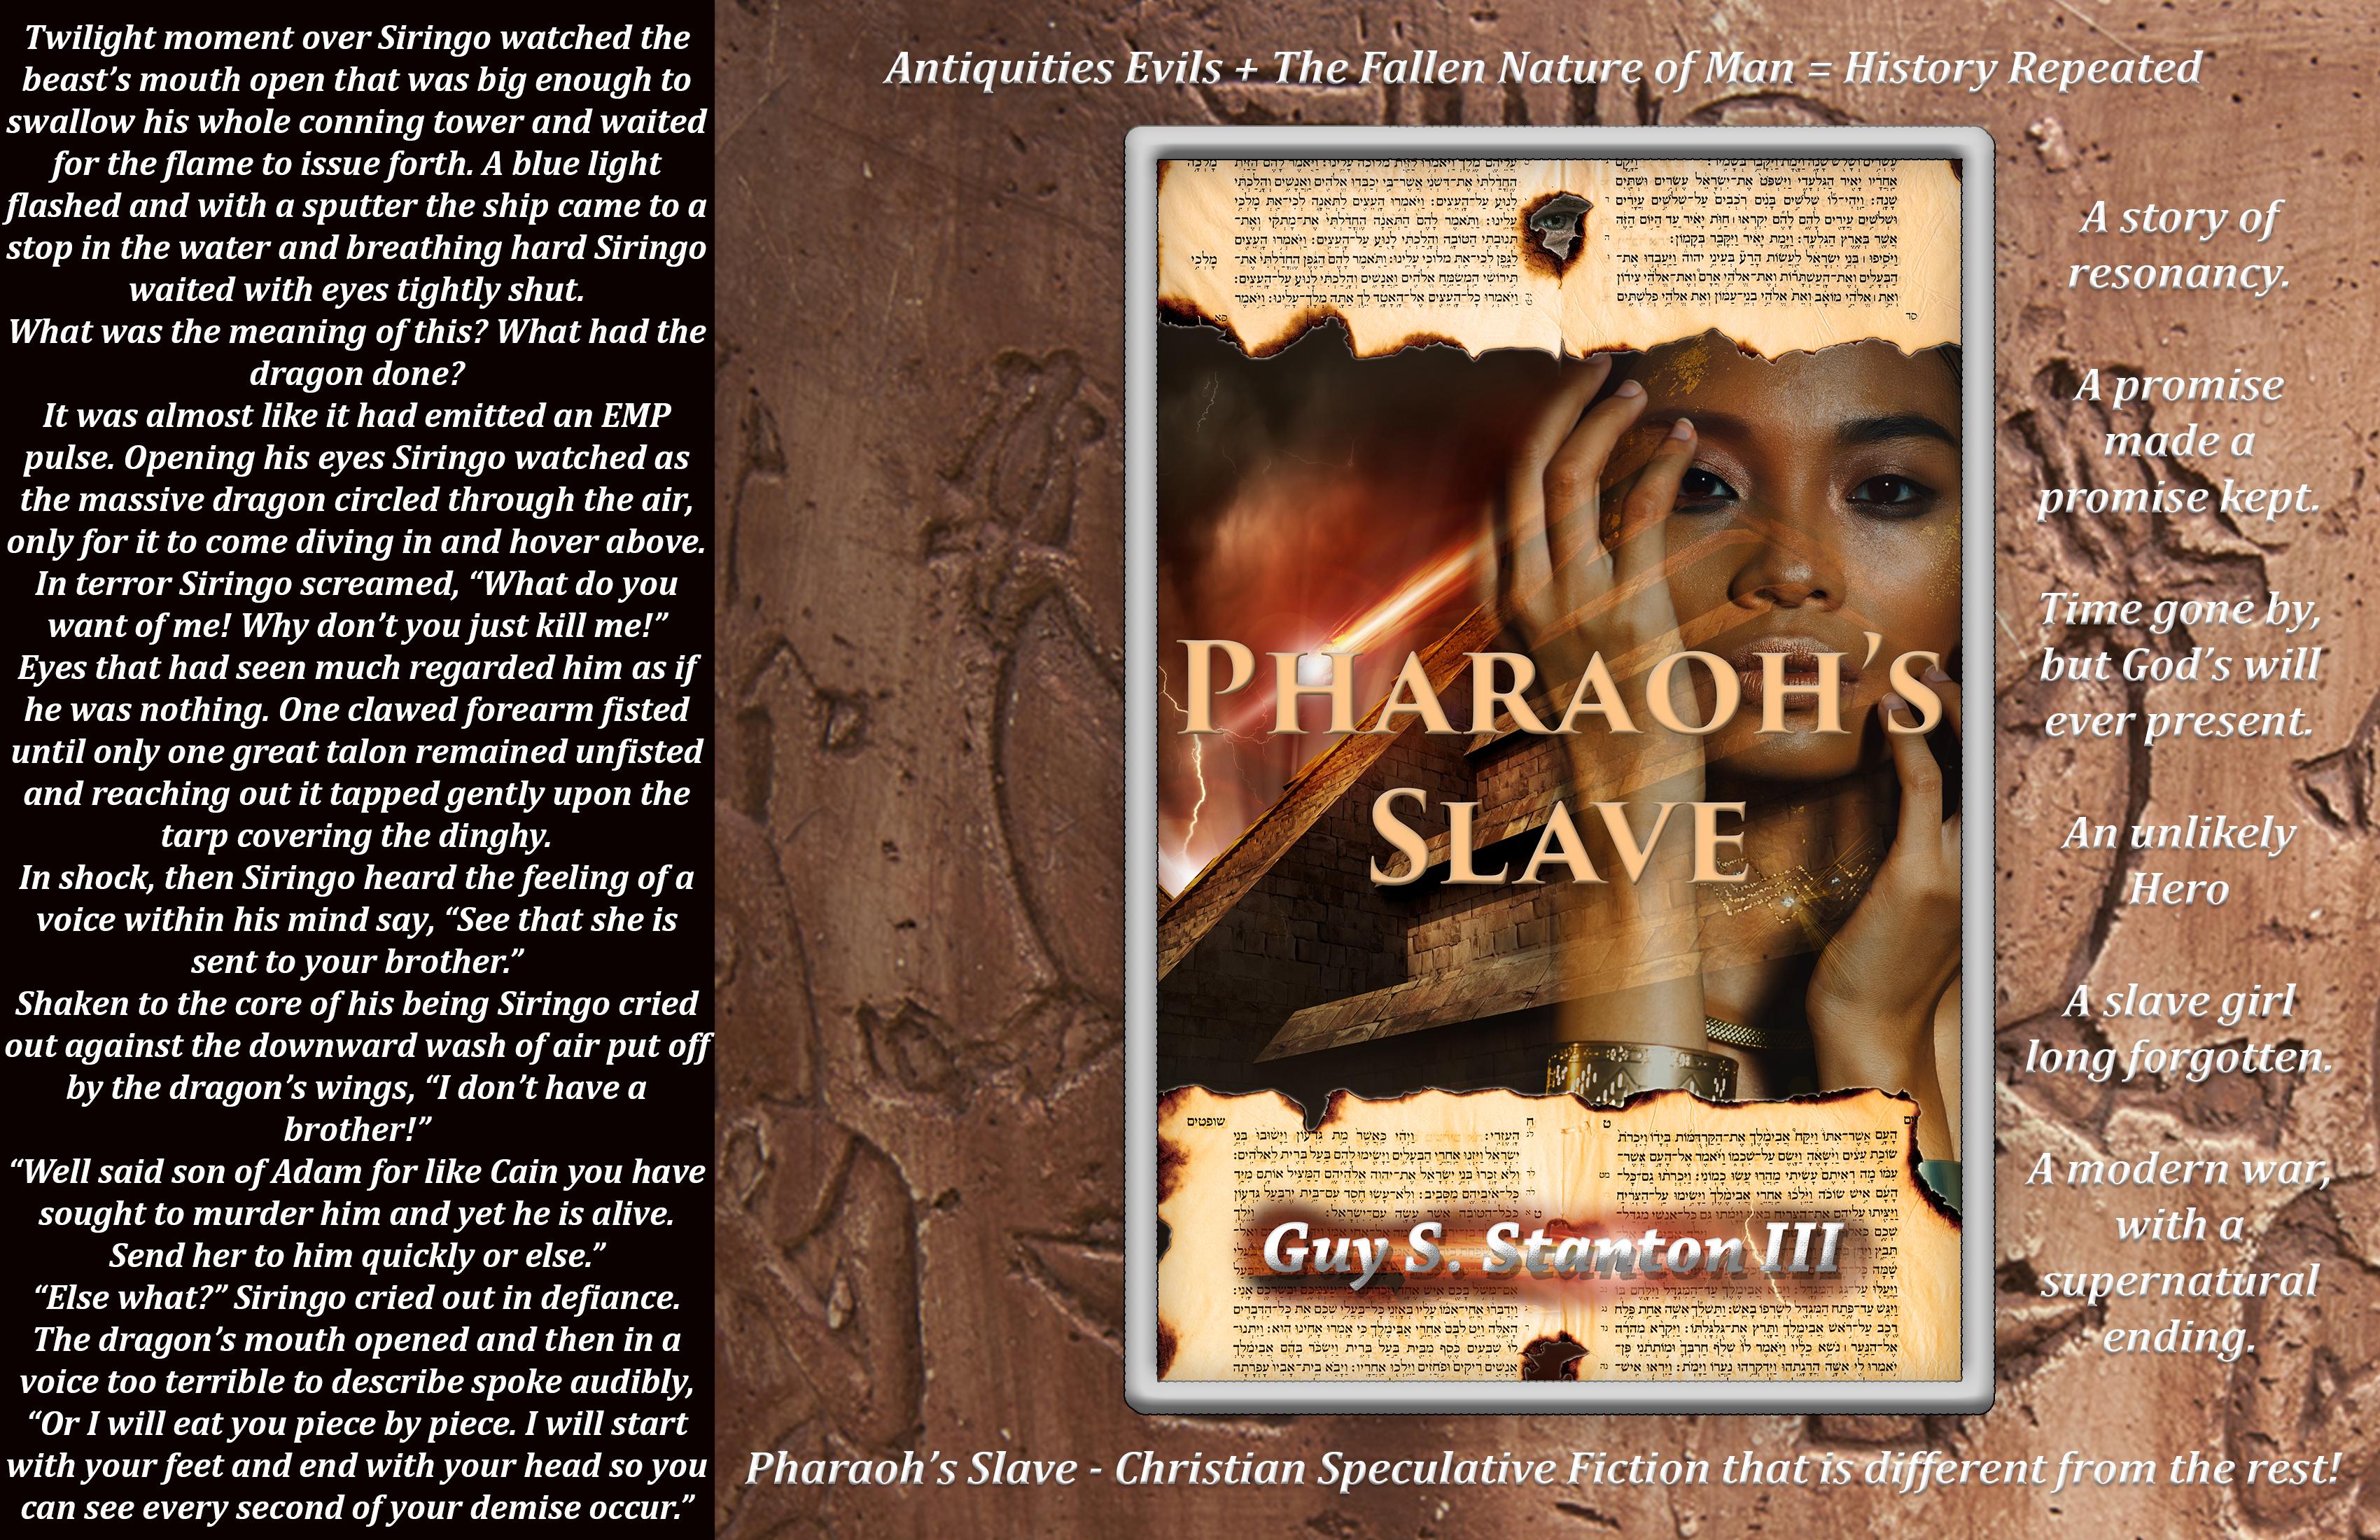 Pharaoh's Slave